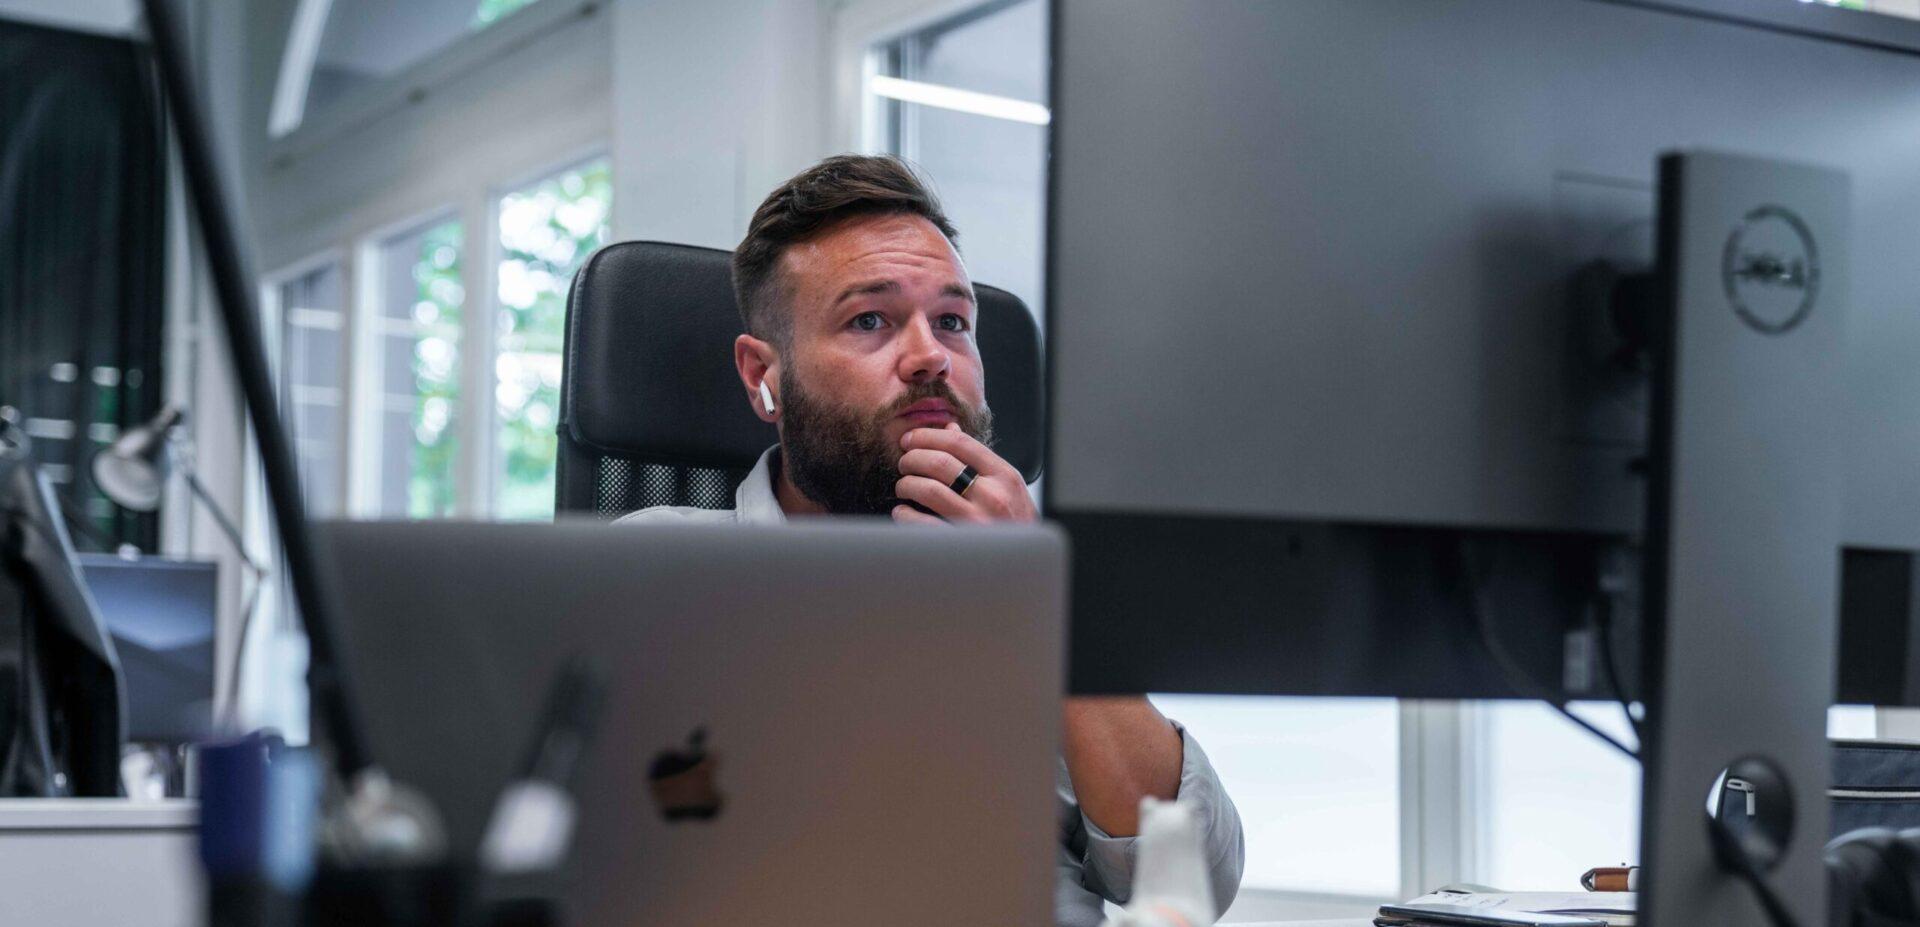 ads&figures Mitarbeiter Simon Schütz arbeitet am Bildschirm